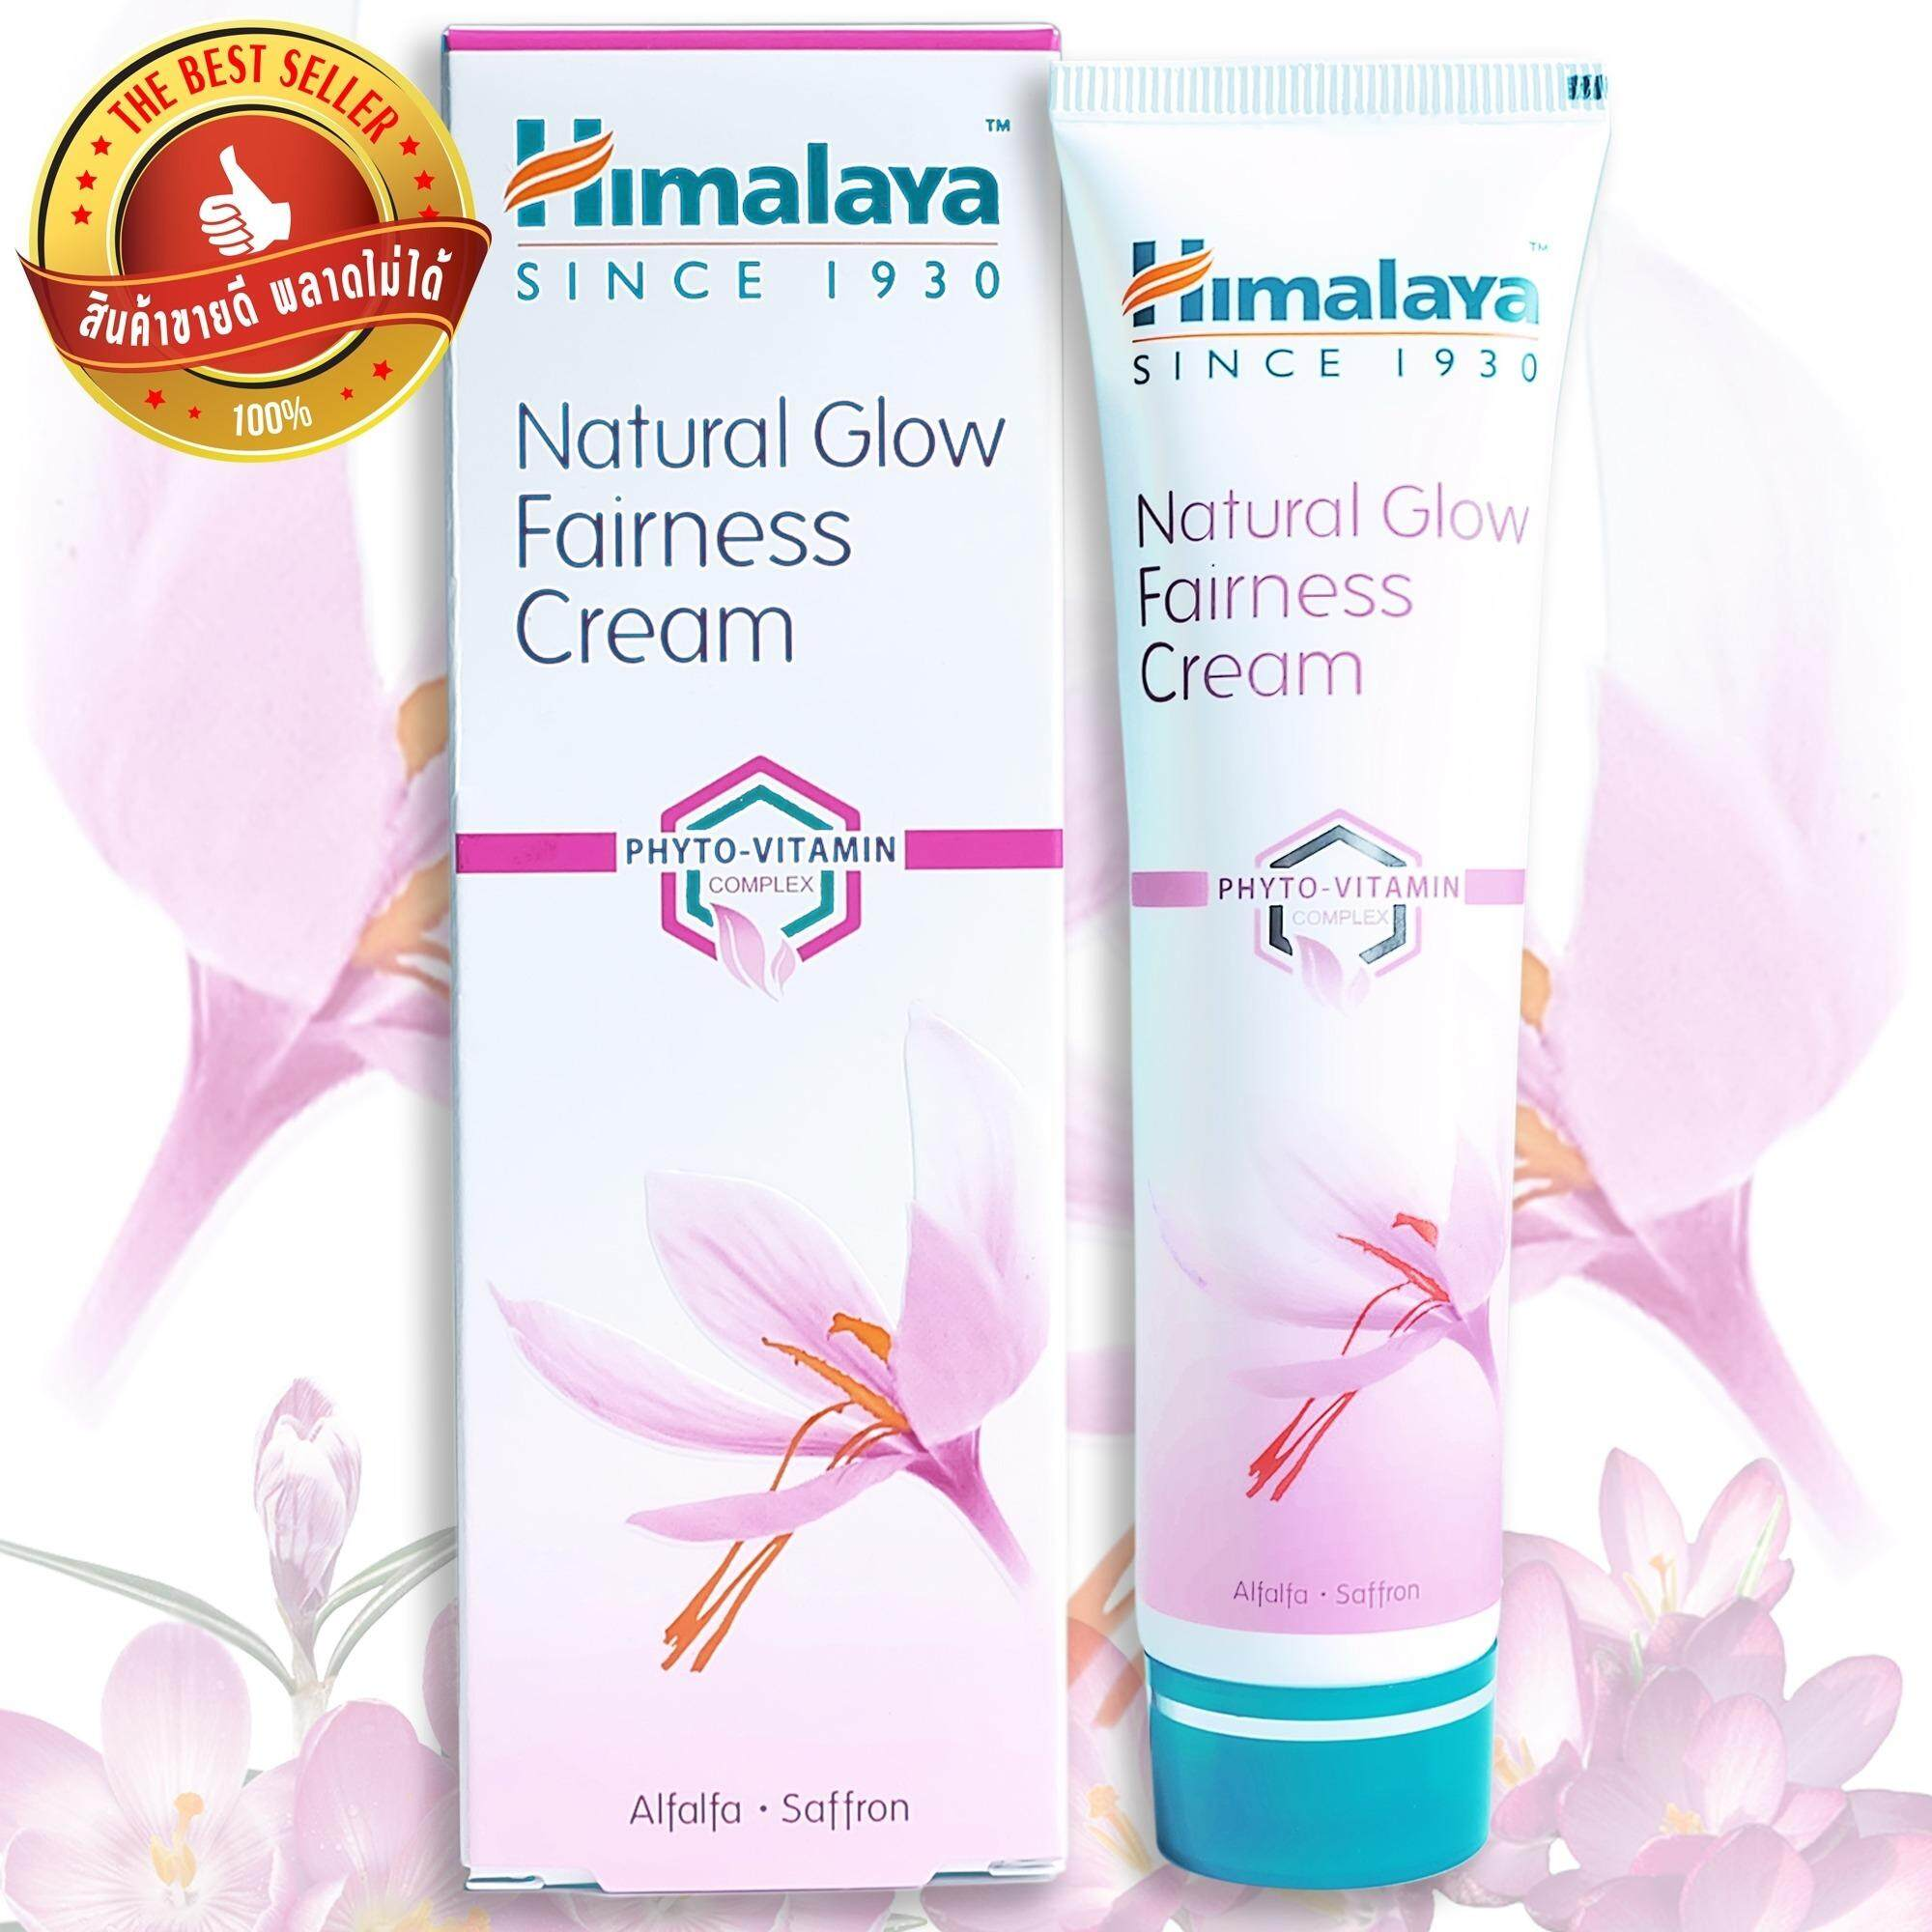 ซื้อ หิมาลายา แนชเชอรอล โกล แฟร์เนส ครีม ปรับสีผิวให้เนียนสว่างใส Himalaya Natural Glow Fairness Cream 50G ใน กรุงเทพมหานคร